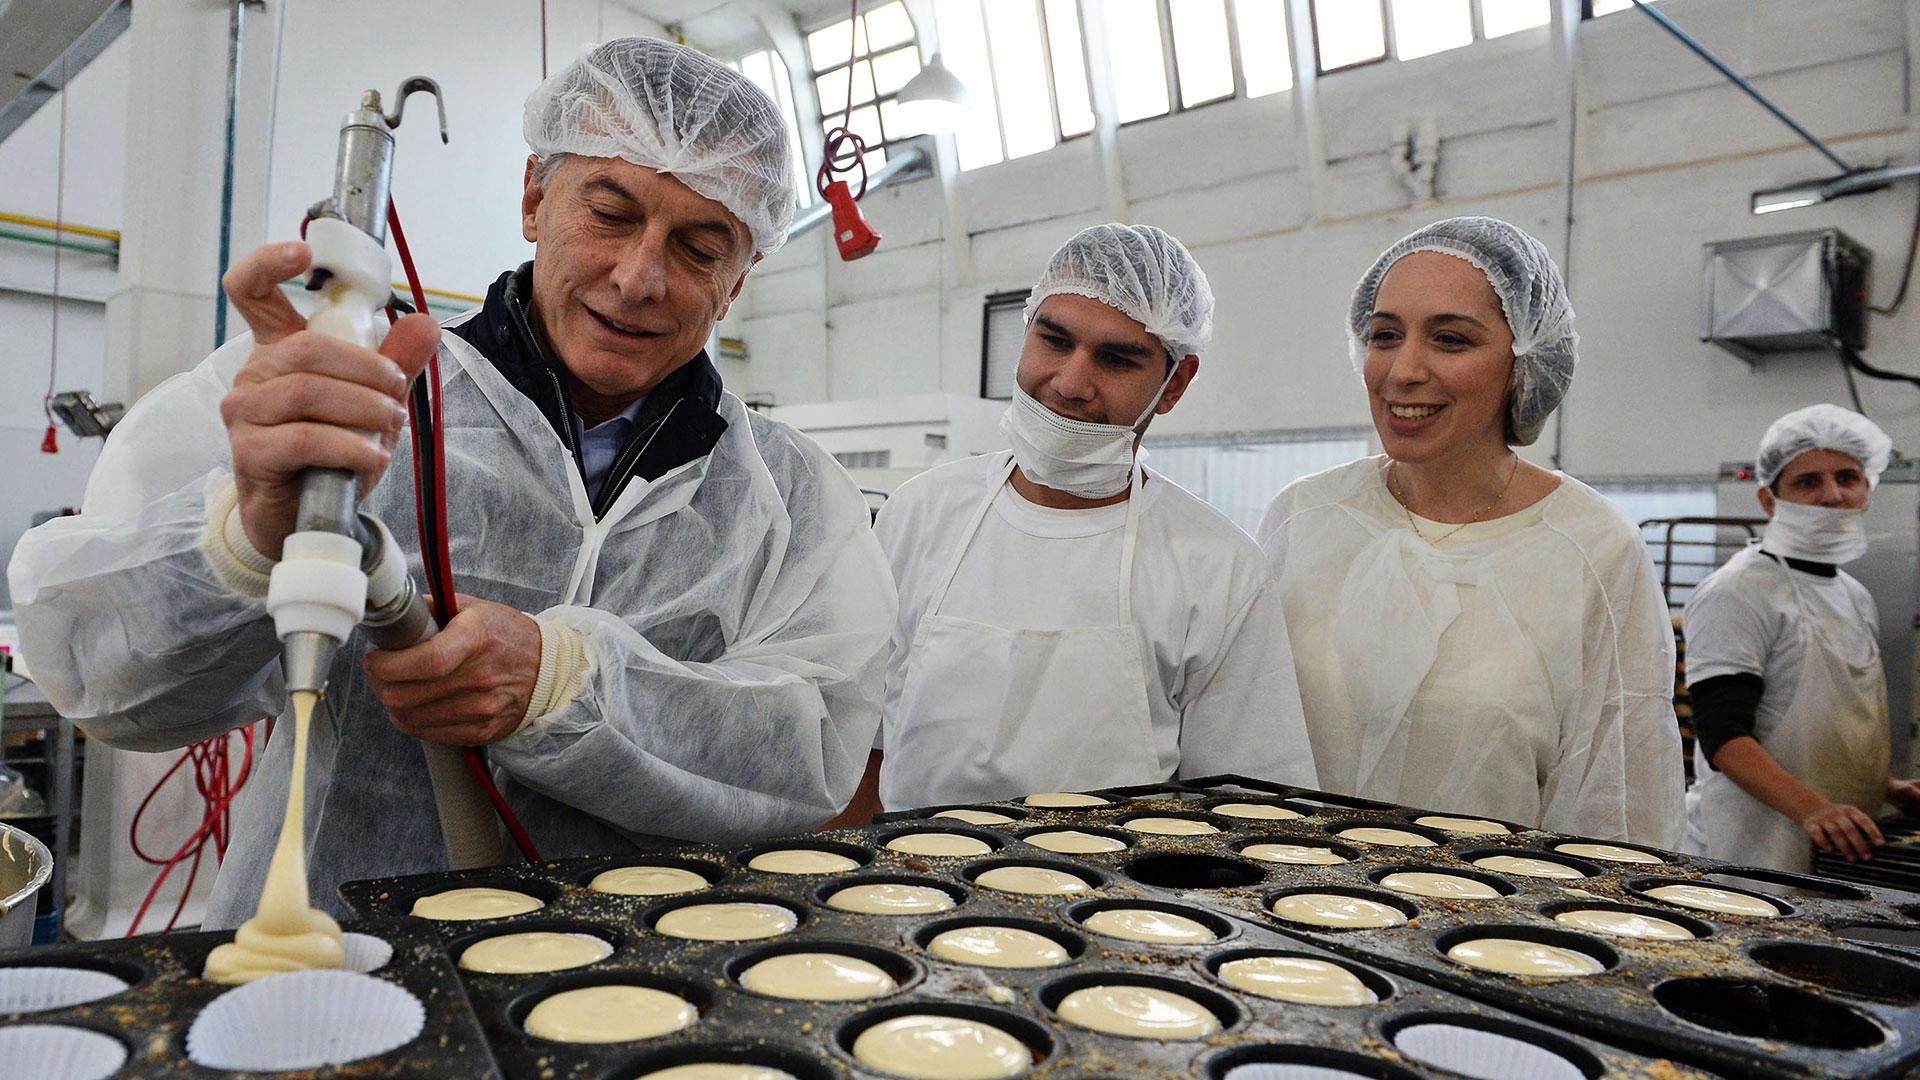 Mauricio Macri y María Eugenia Vidal visitaron una pastelería artesanal en Vicente López. Por la tarde, el jefe de Estado recibió una mala noticia: el fiscal Juan Pedro Zoni amplió la imputación en la causa por el acuerdo con Correo Argentino